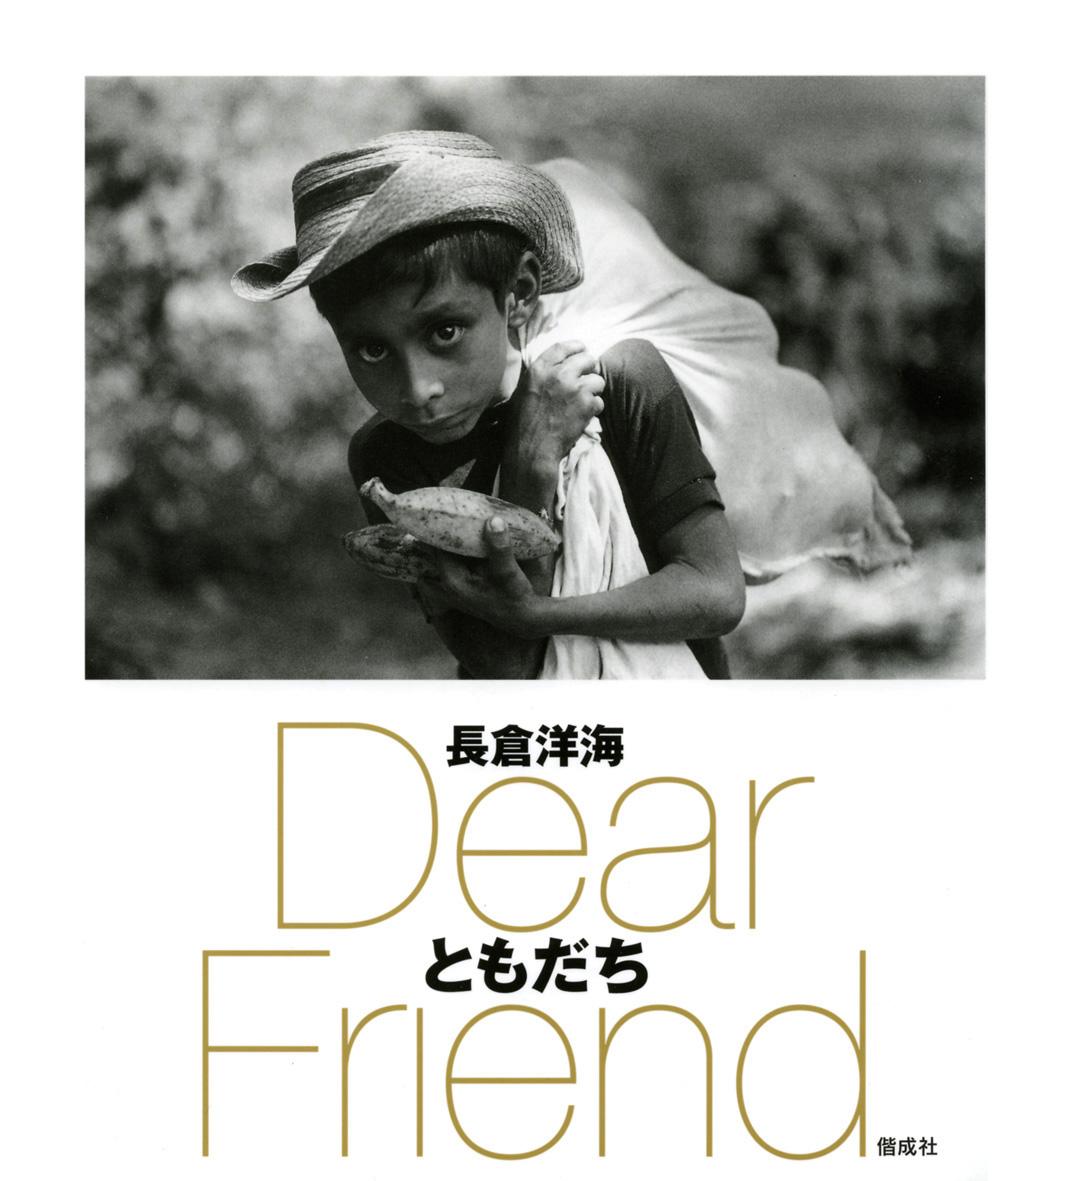 ともだち Dear Friend 長倉洋海写真集